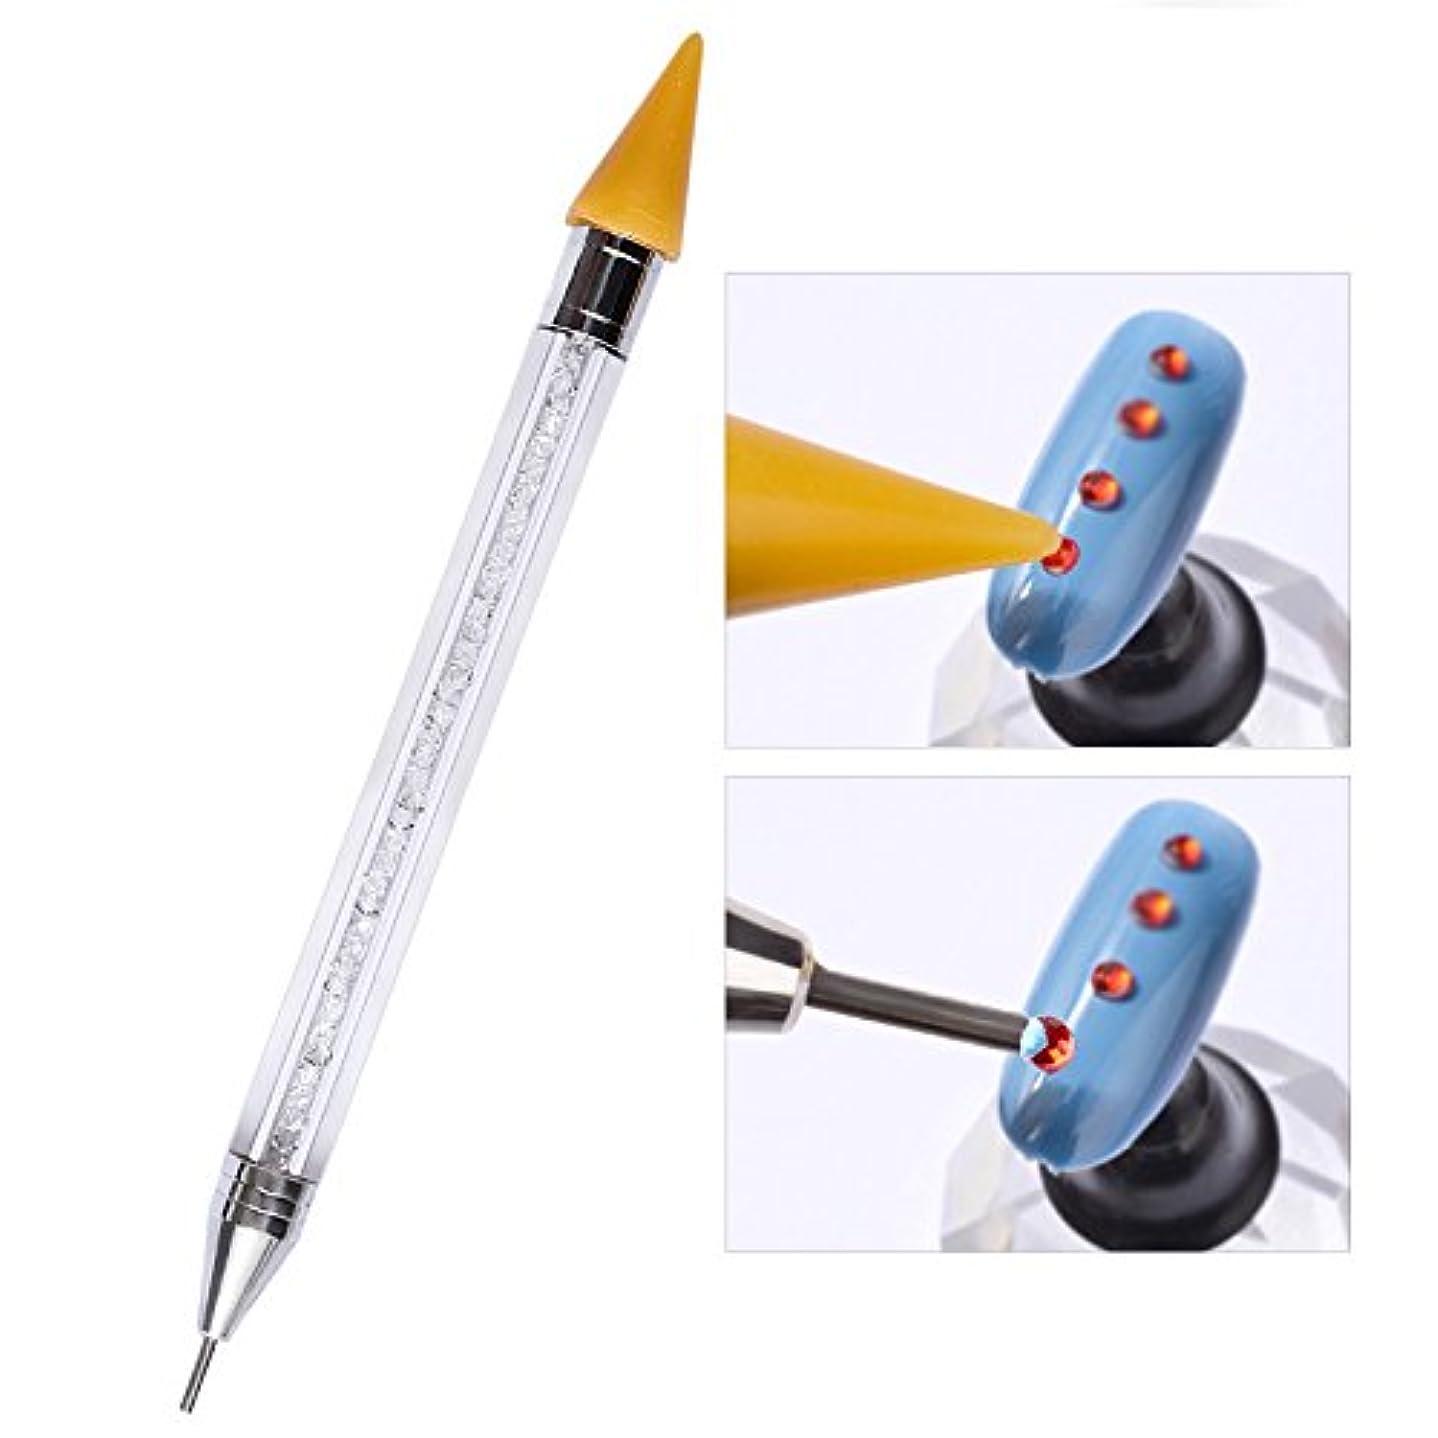 再び続ける任命するLiebeye ネイルペン 豪華 耐久性 ダブルヘッドポイント 掘削 ペン マニキュアツール